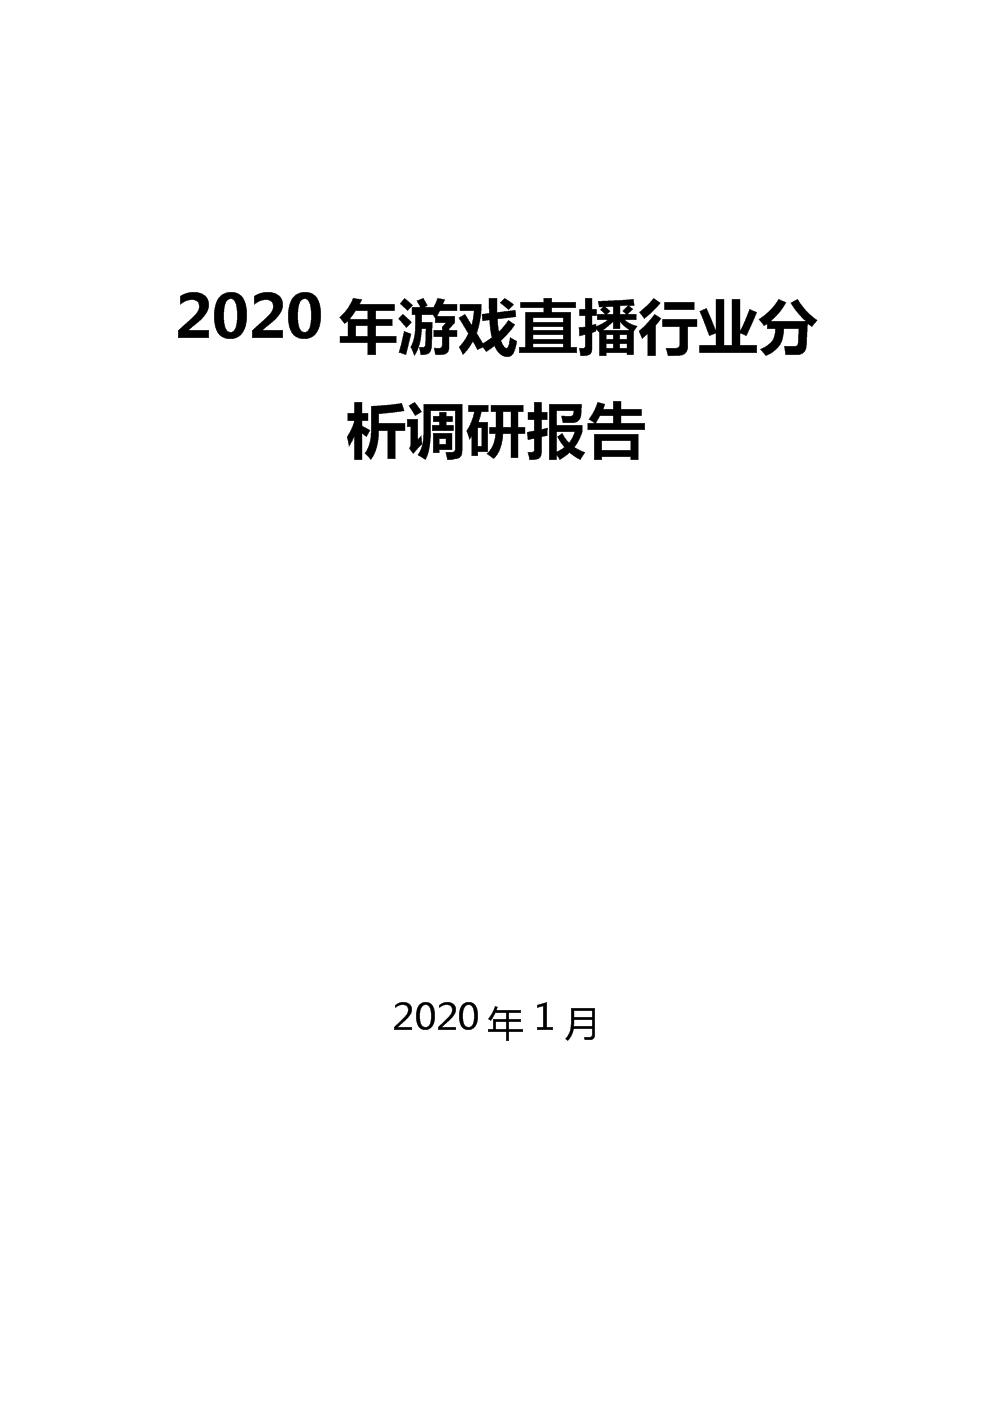 2020游戏直播行业分析调研.docx